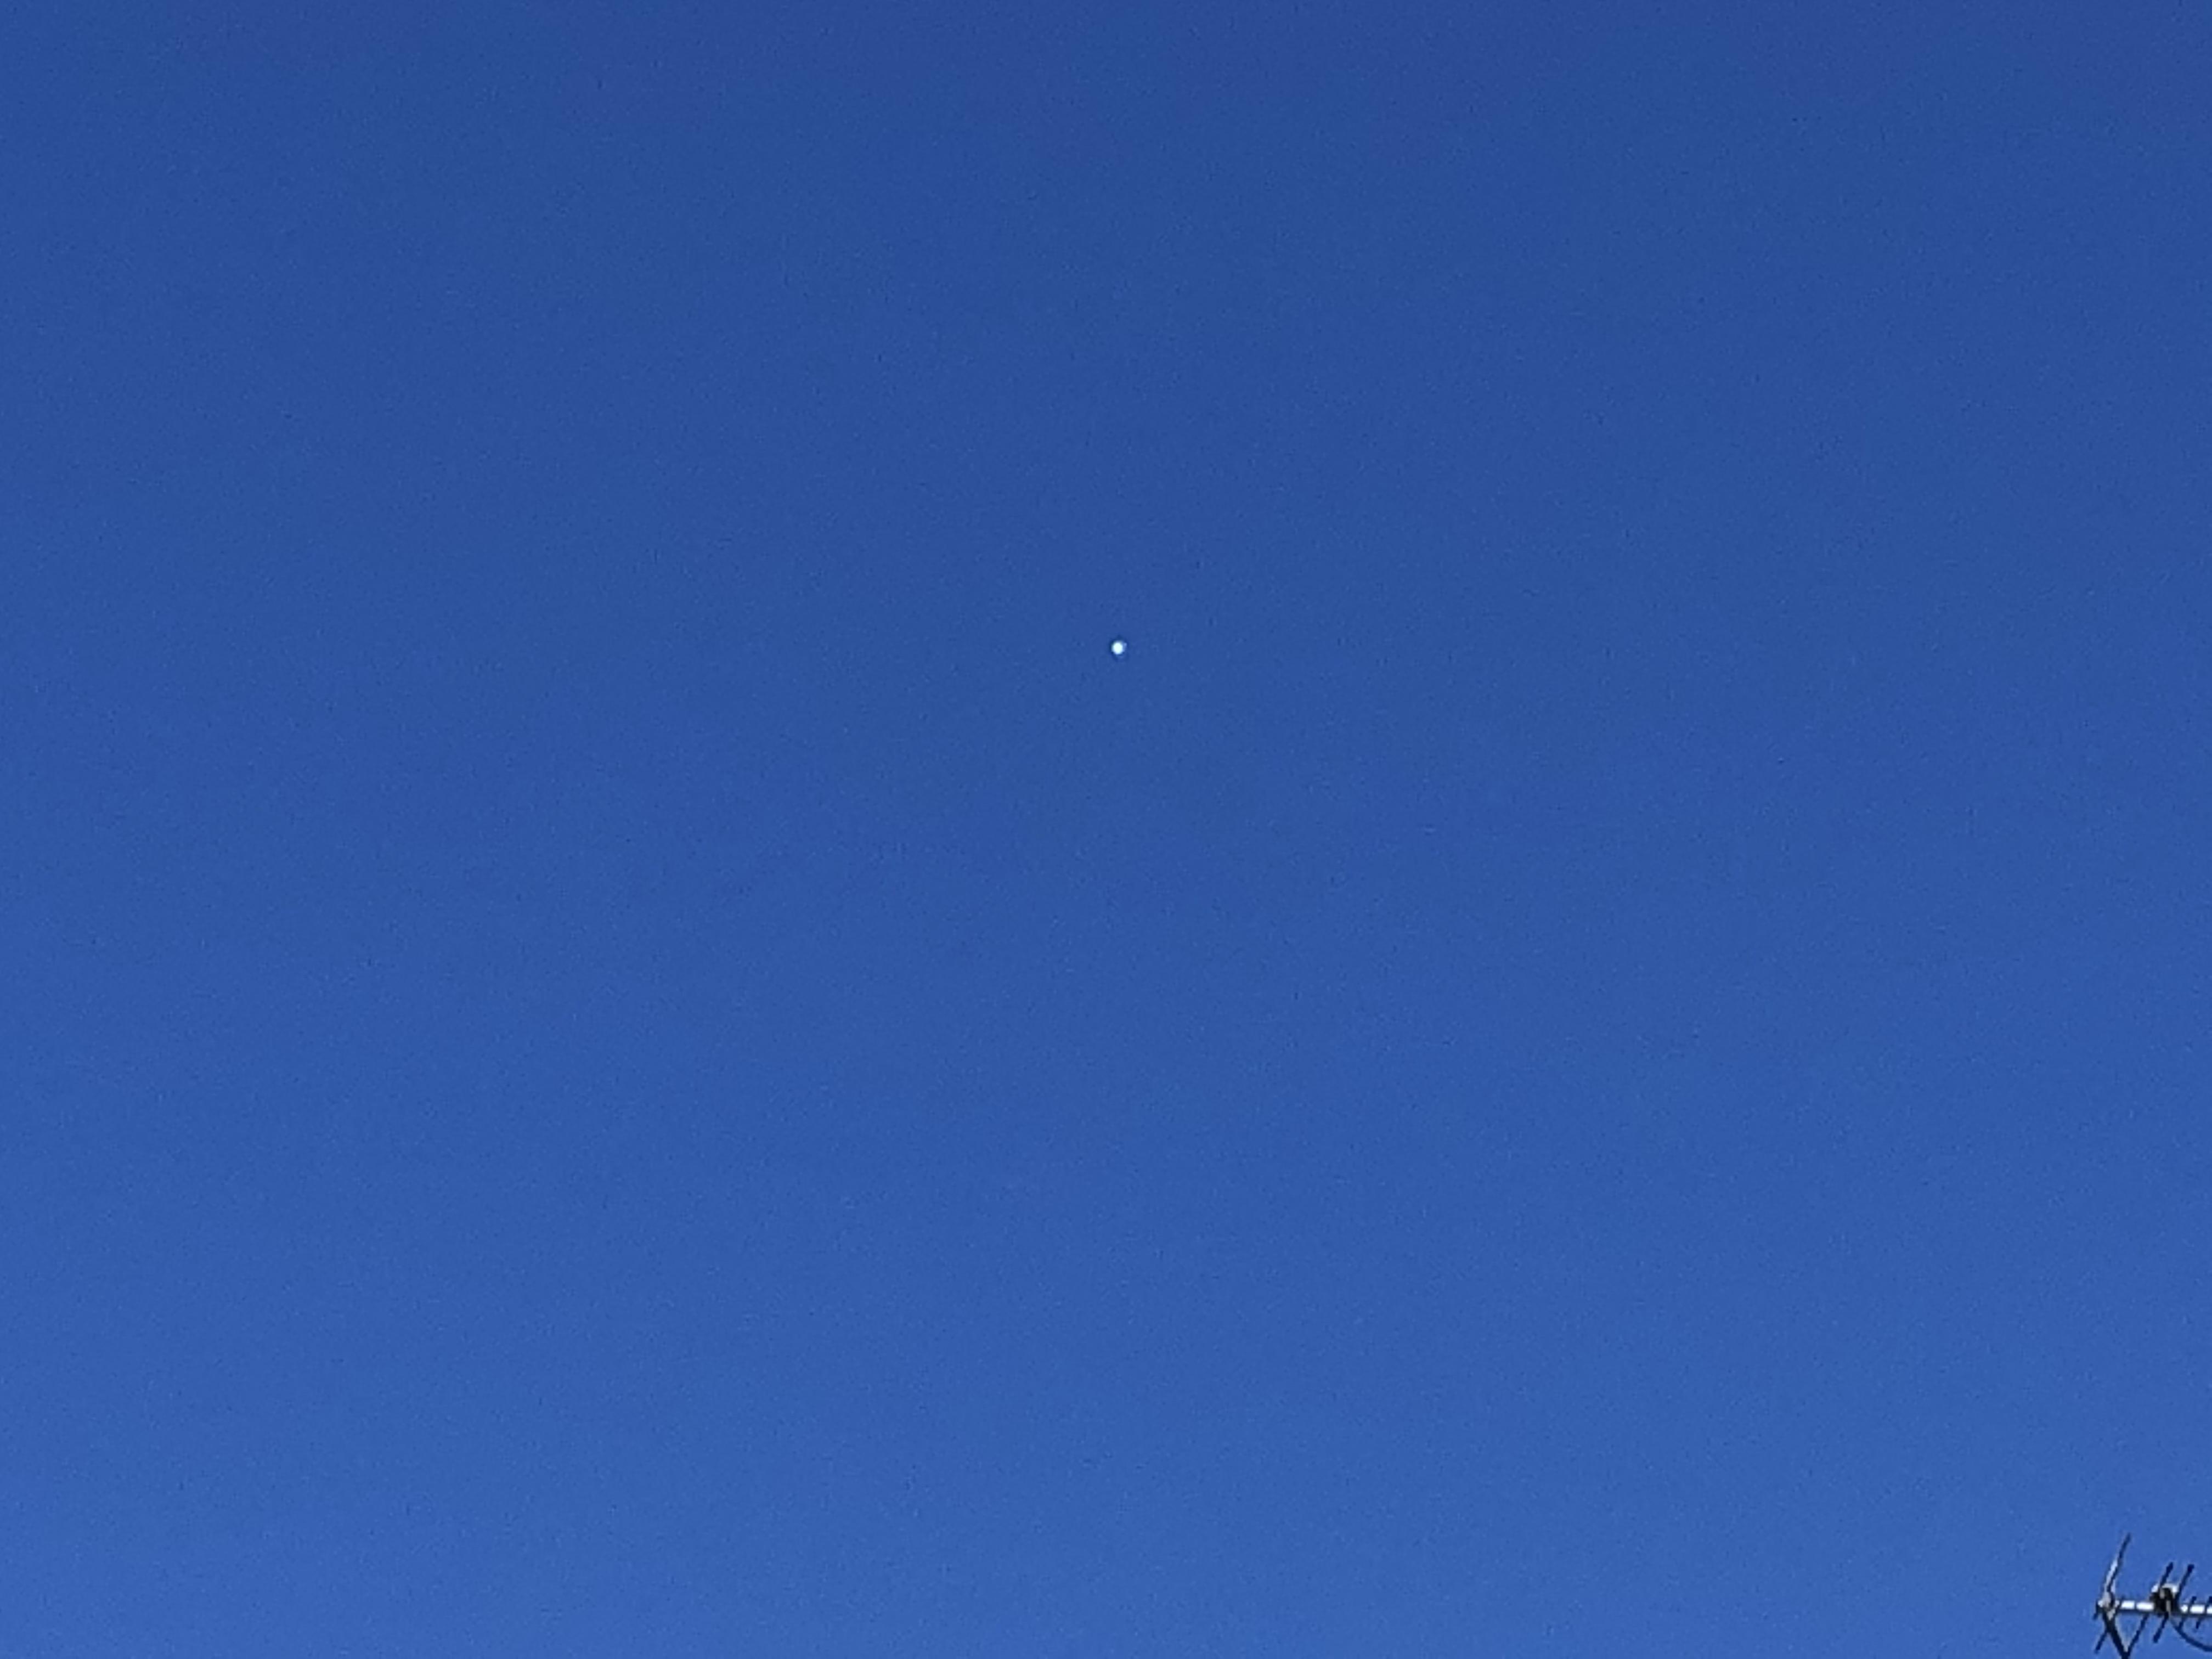 仙台 物体 謎 飛行 の 仙台上空に未確認飛行物体、気象台も「不明」と困惑 Twitterでも話題に!